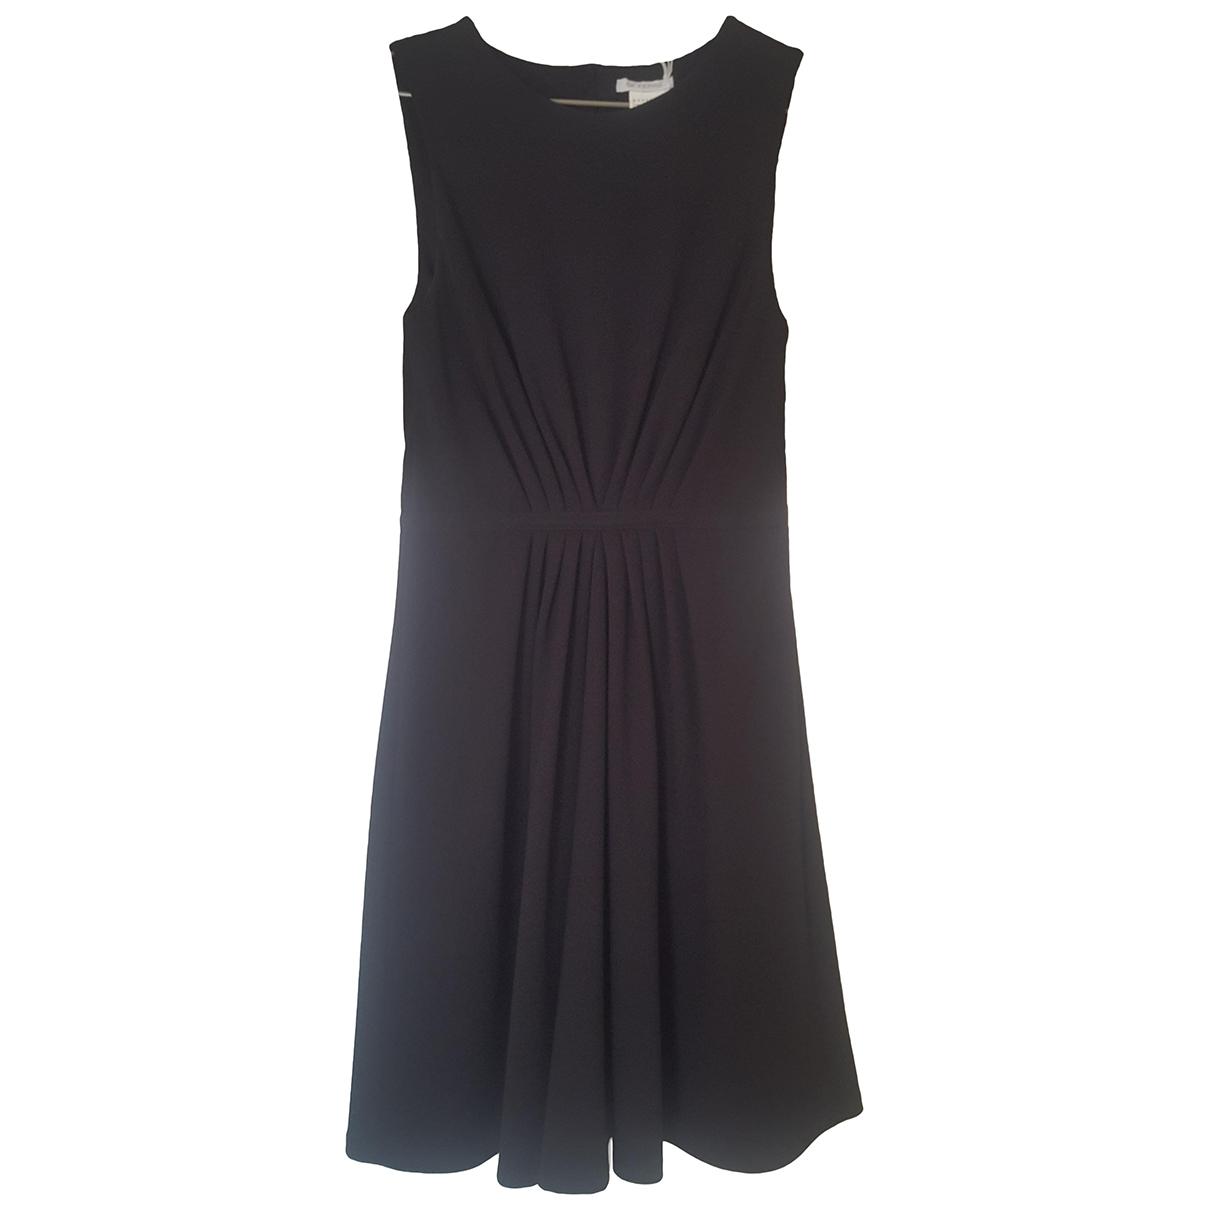 Gianfranco Ferré \N Black dress for Women 40 IT